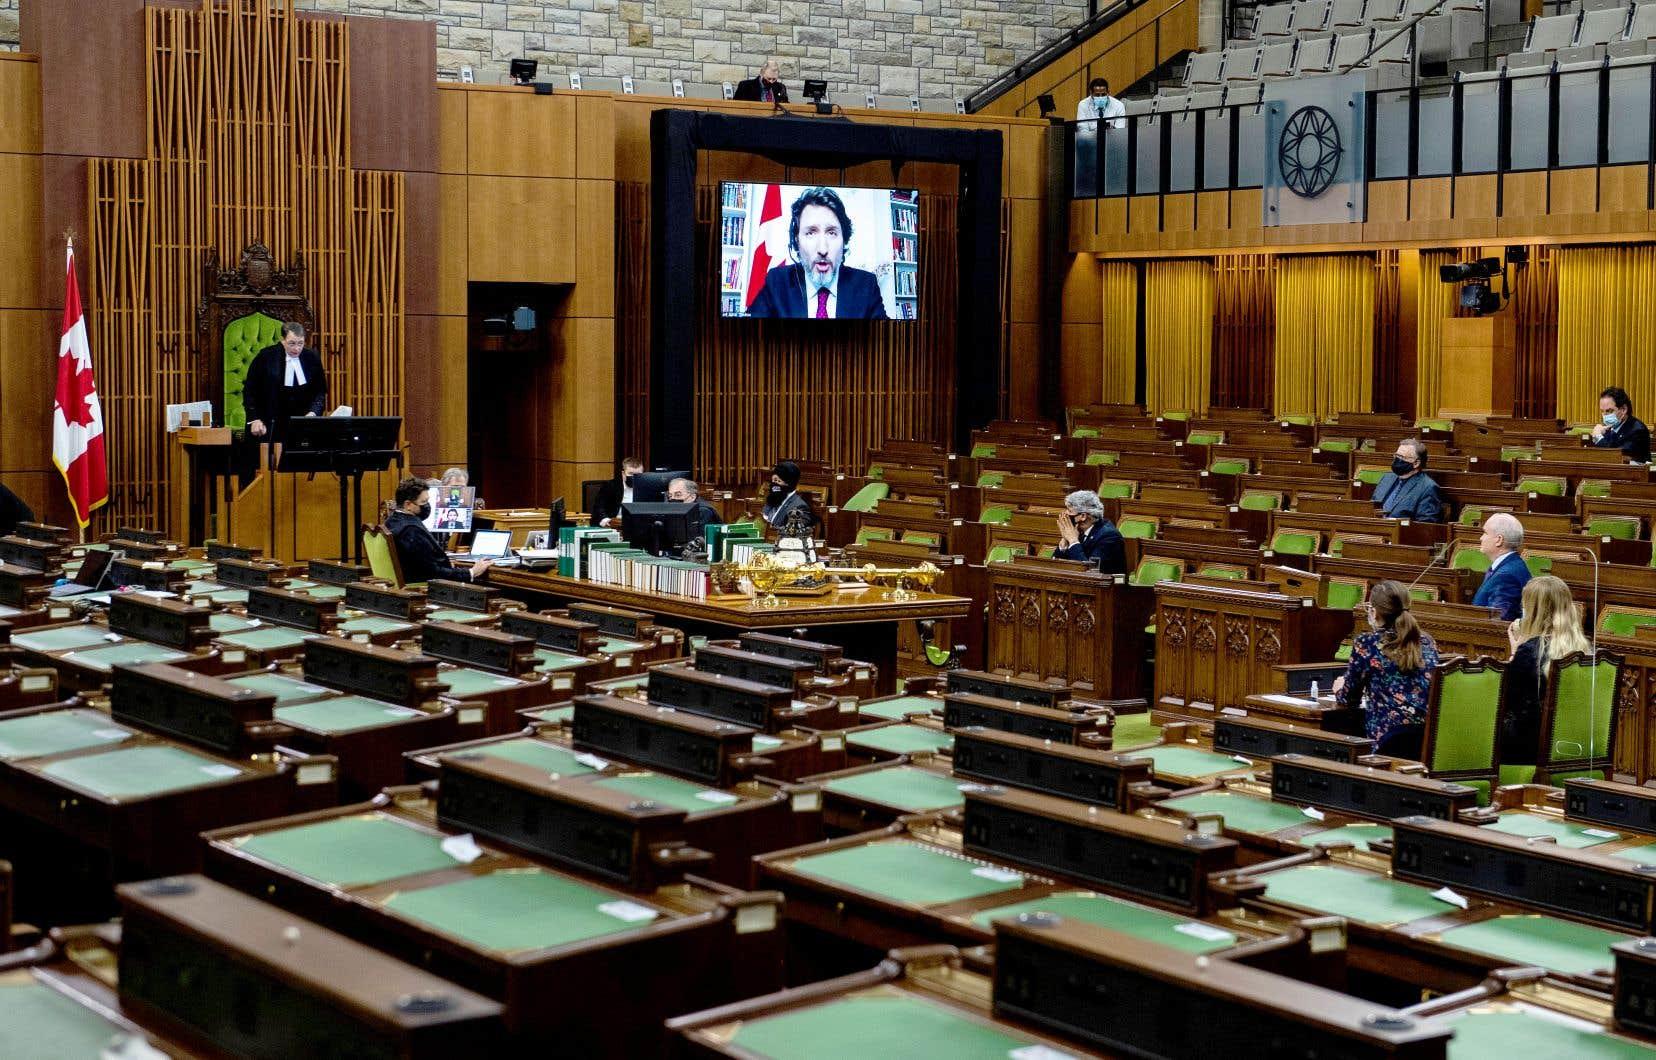 Le projet de loi a été adopté mercredi à 174 voix contre 153. Les bloquistes, les conservateurs de même que les néodémocrates ont voté pour, tandis que les libéraux et les verts ont voté contre. Sur notre image, la période de questions dans son format virtuel, à la Chambre des communes.